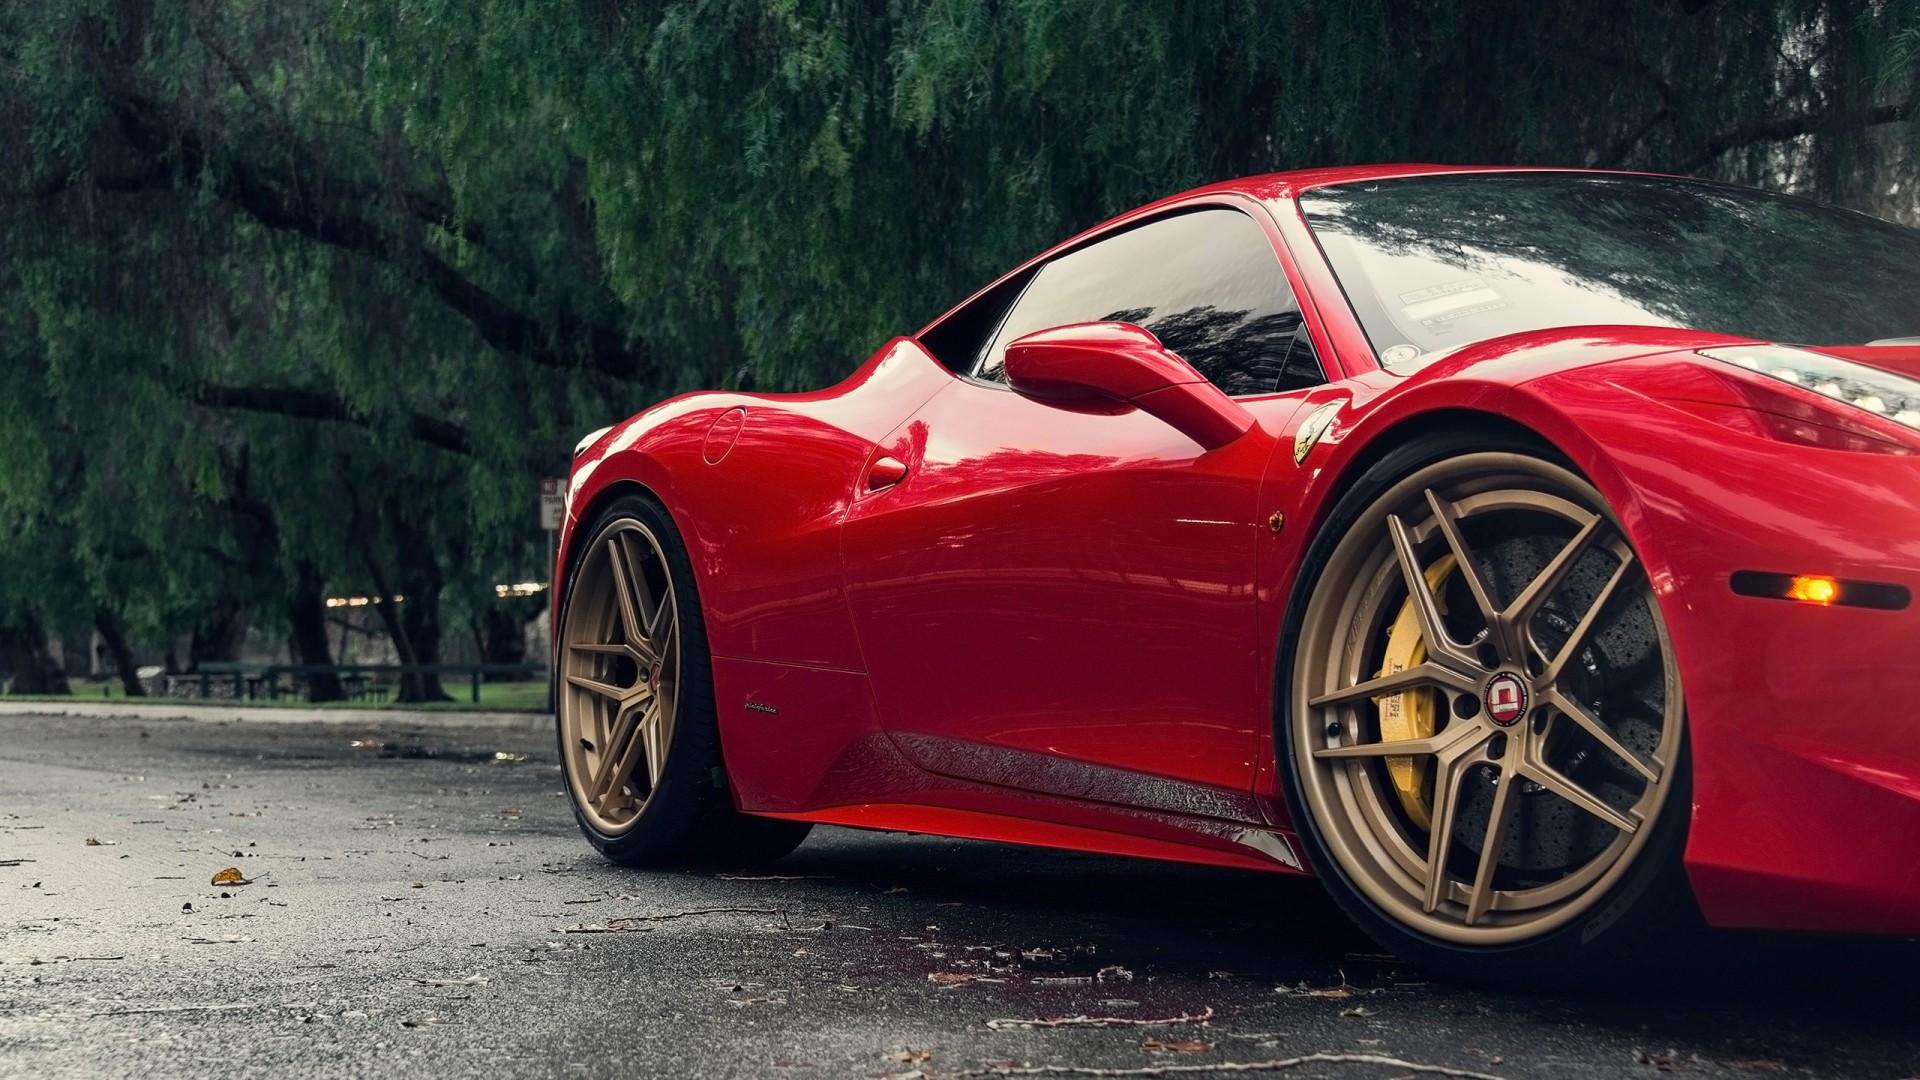 2015 Klassen Id Ferrari 458 Italia 2 Wallpaper Hd Car Wallpapers Id 5077